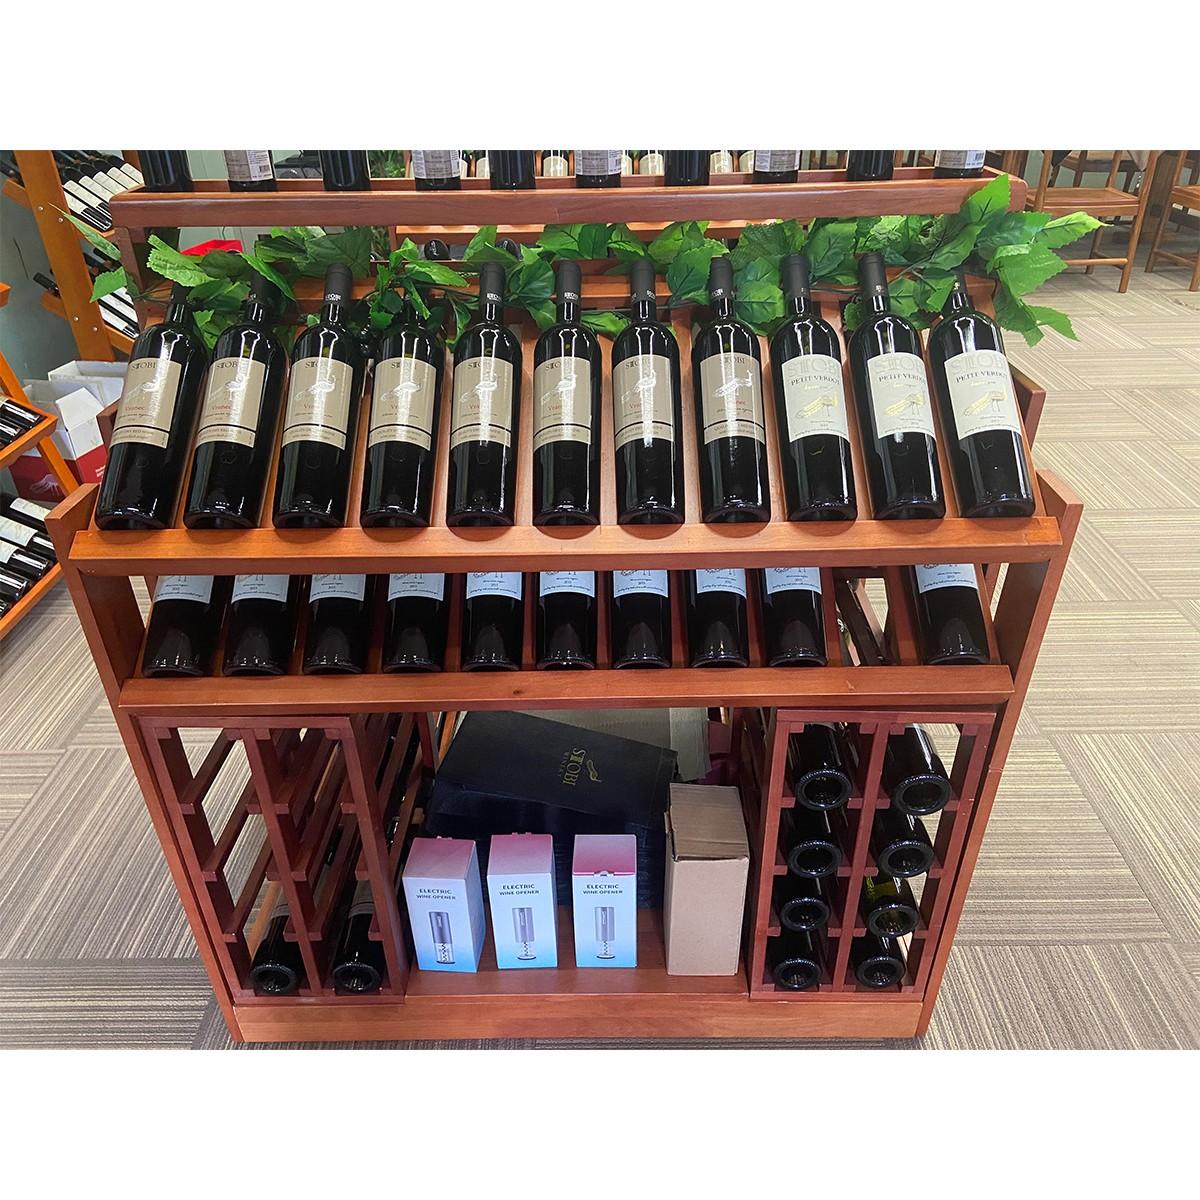 斯多比珠海酒庄开业